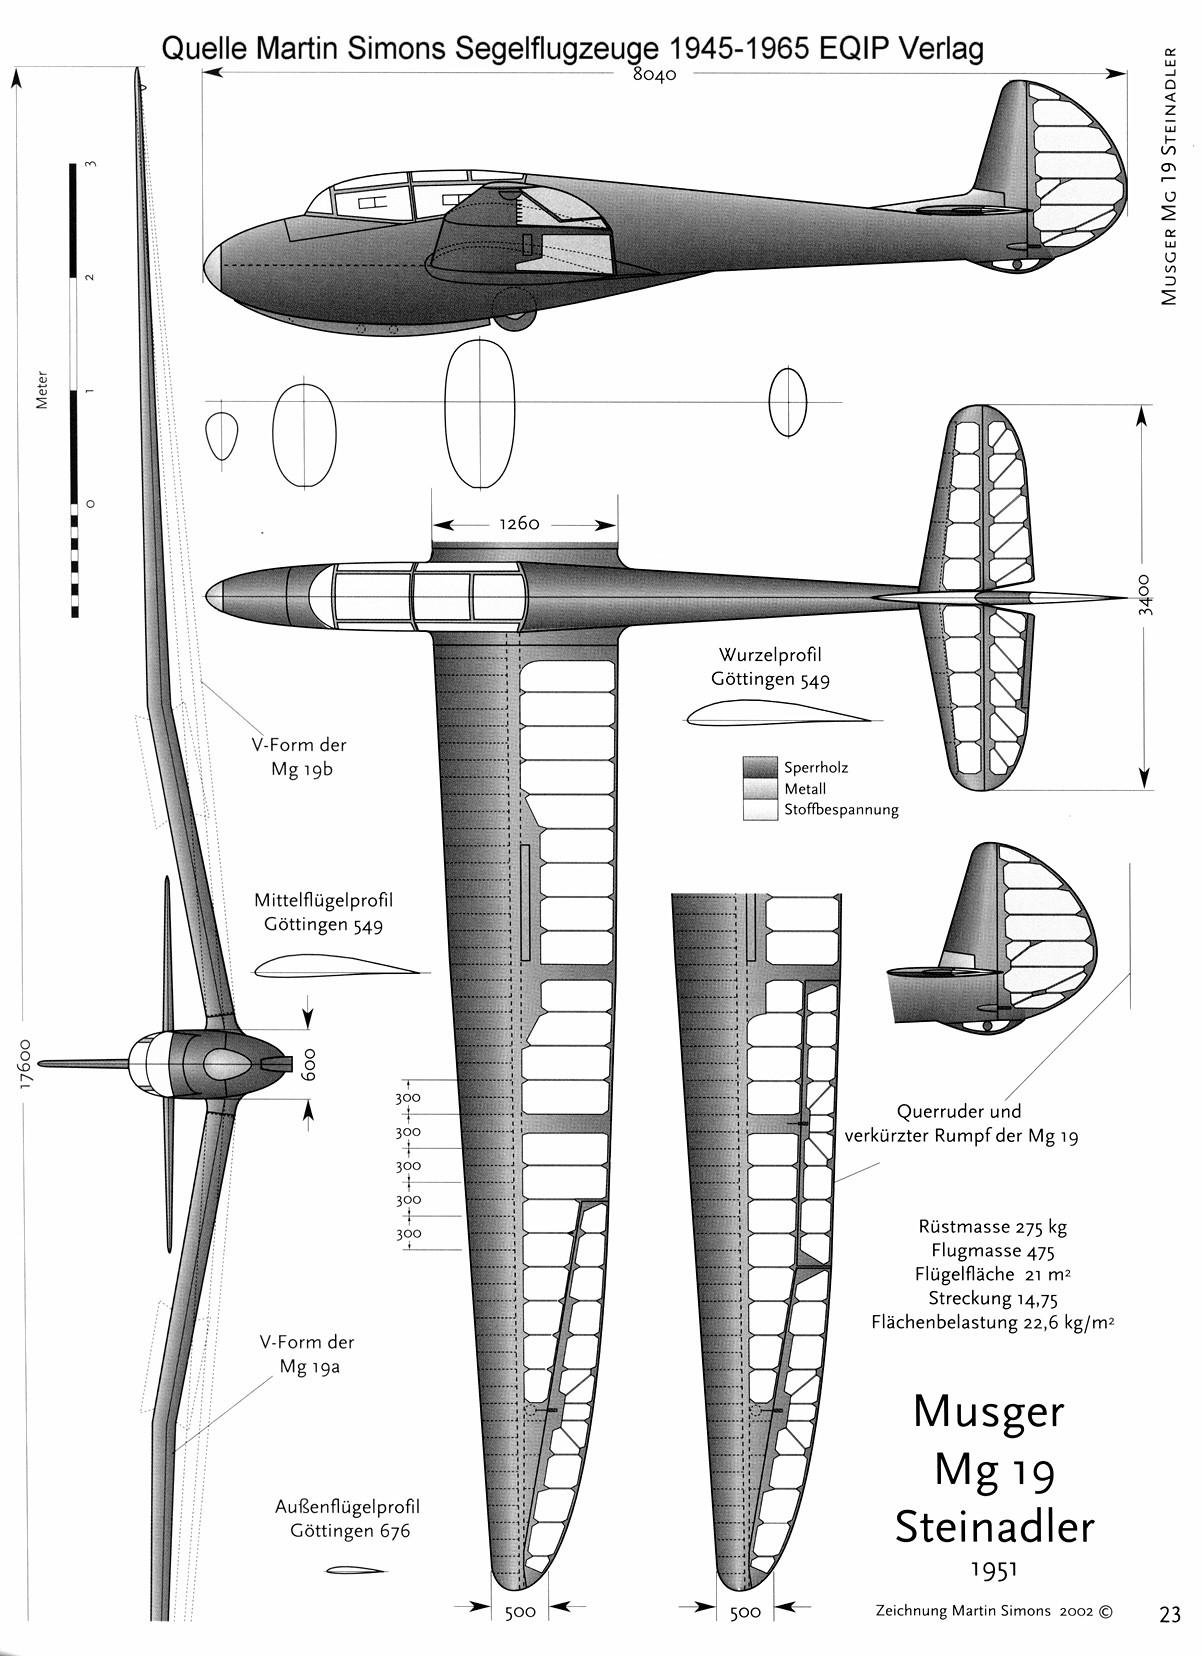 Bildergebnis für MG19a Steinadler